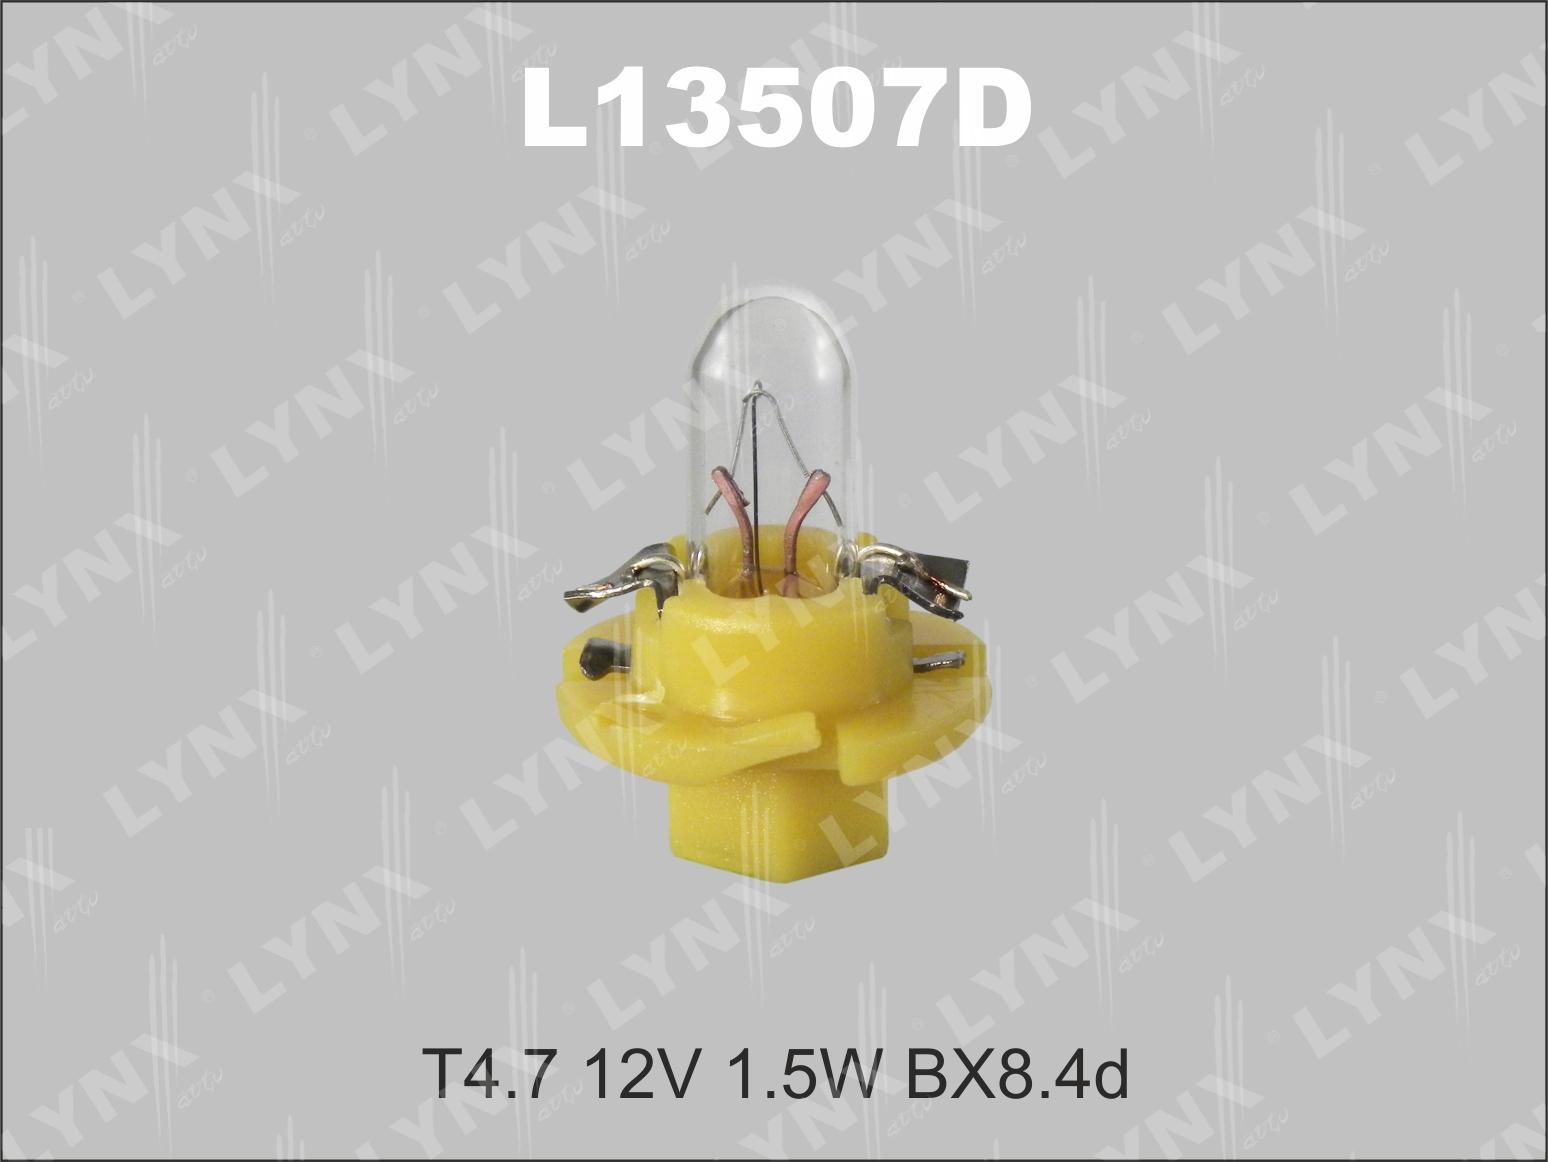 13507D Лампа накаливания панели приборов T4.7 12V 1.5W BX8.4d LYNX, шт. (L13507D)